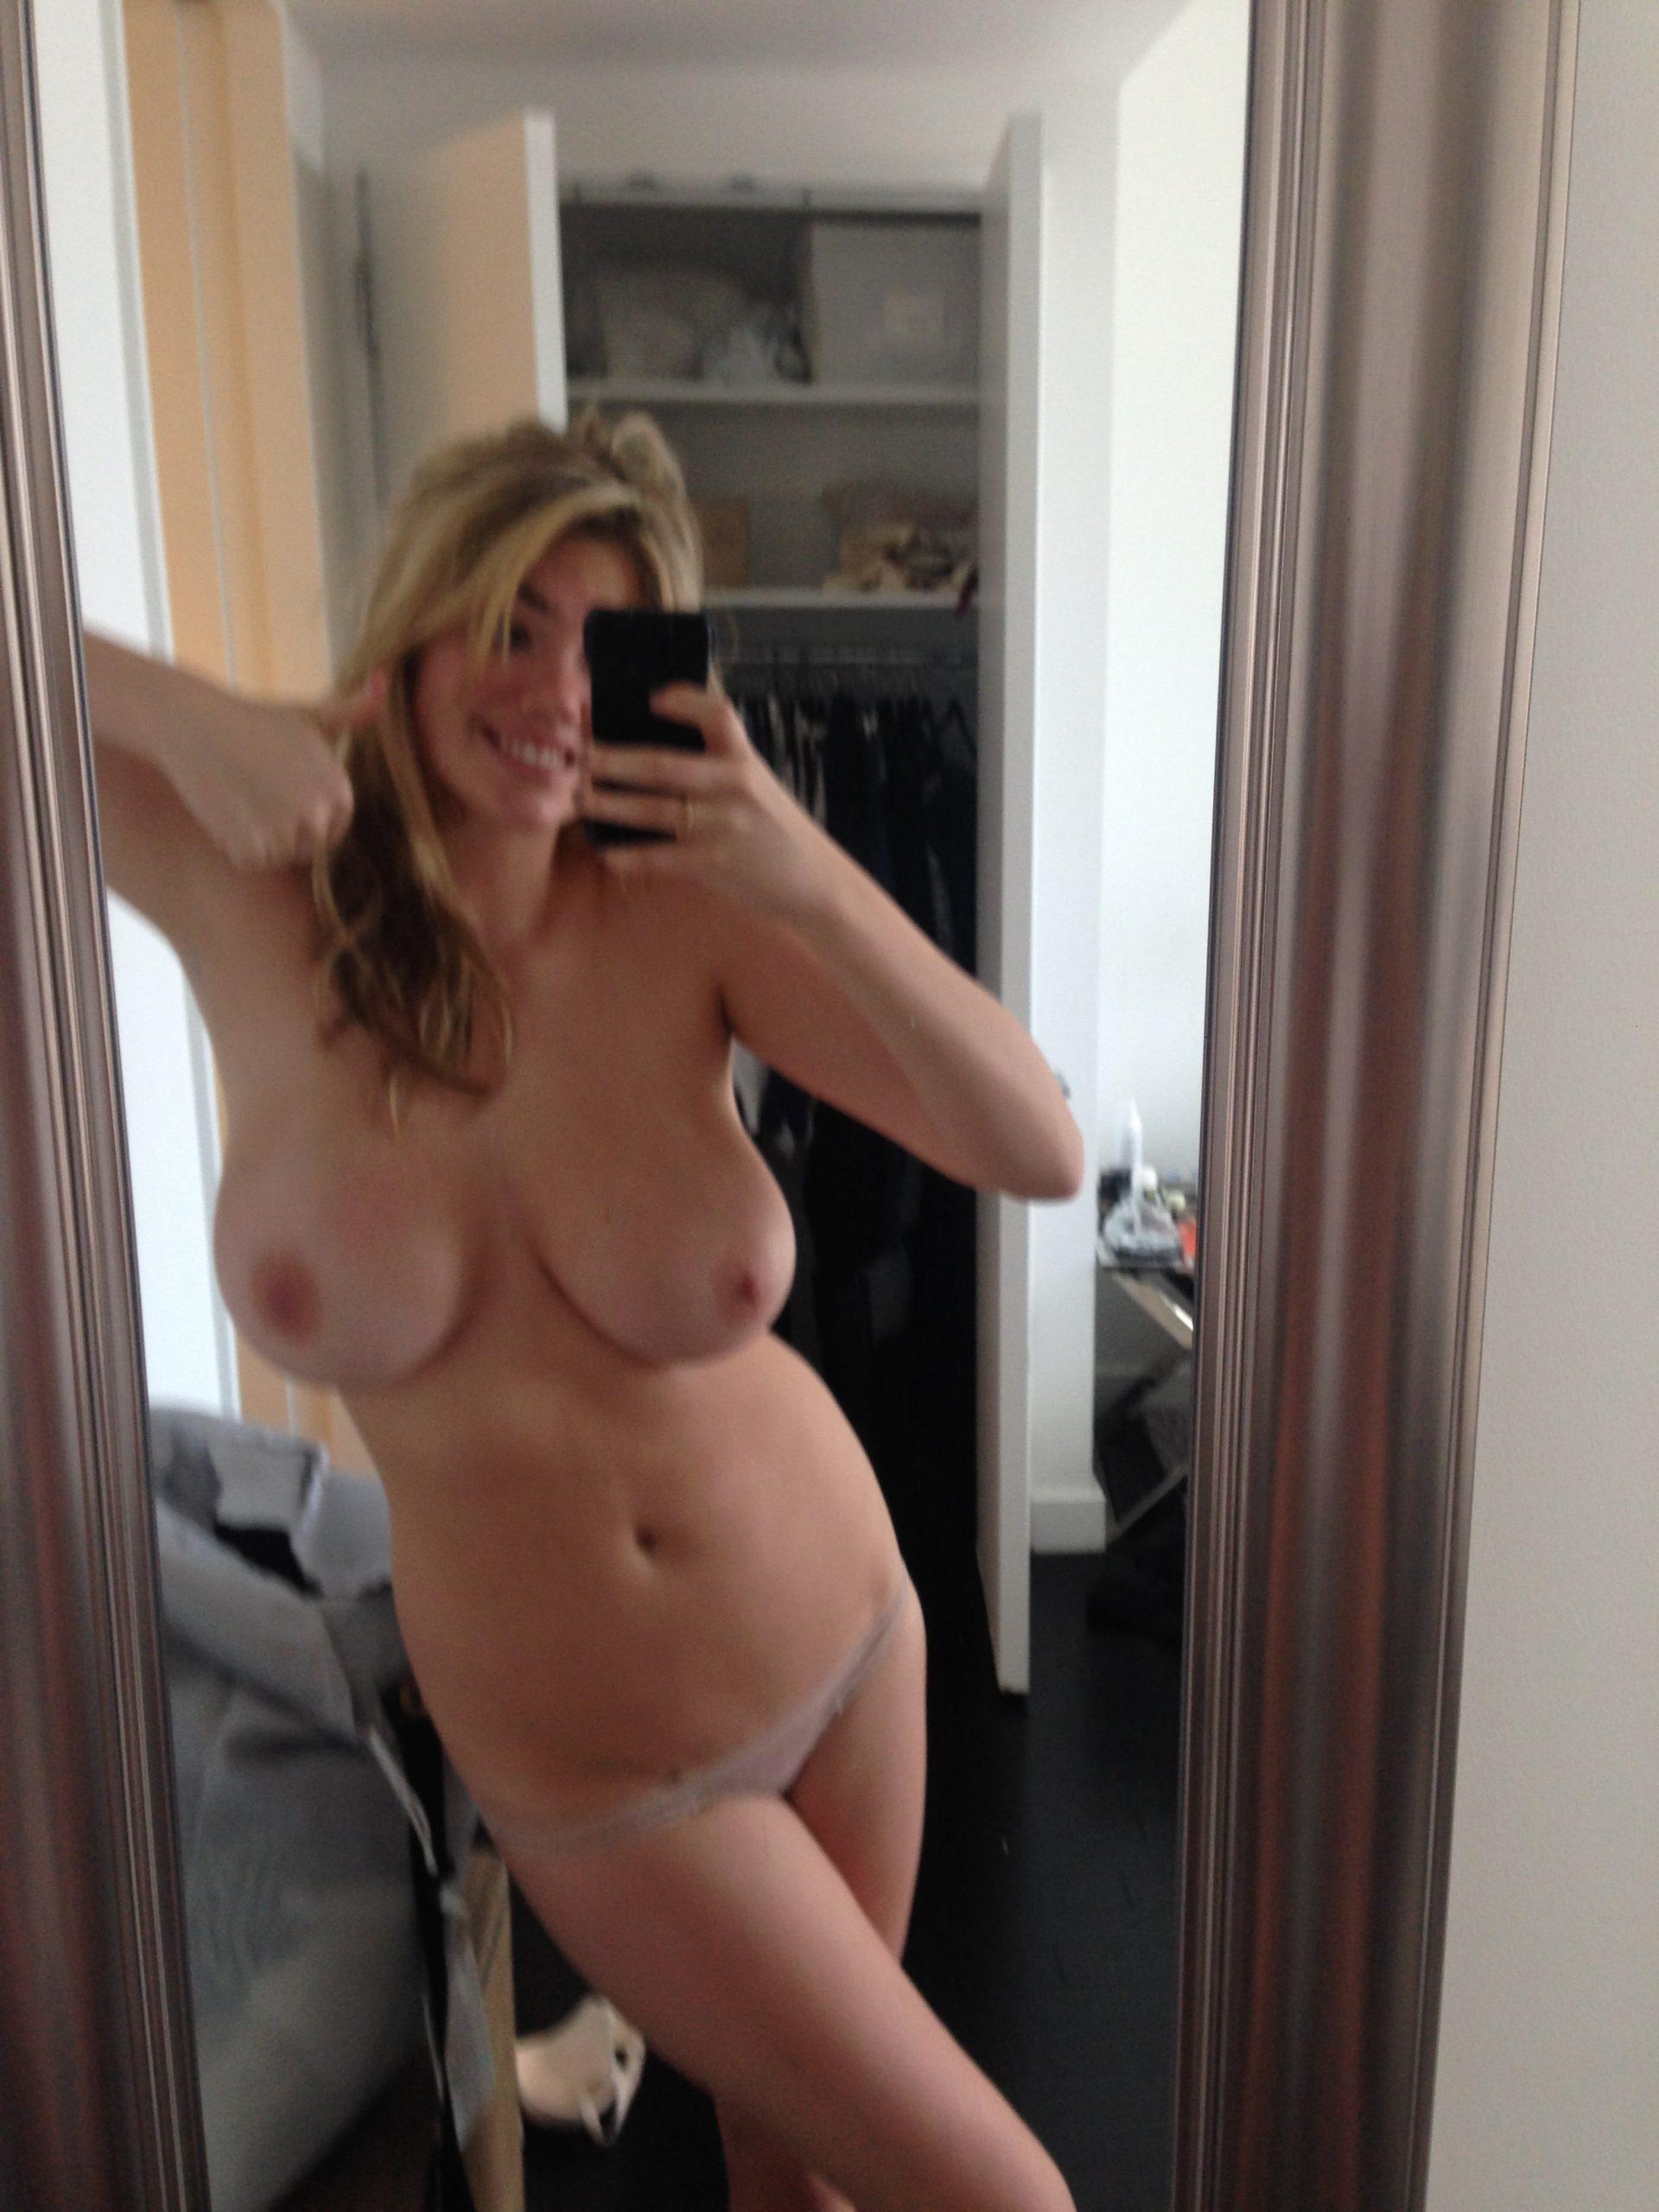 kate upton naked selfie